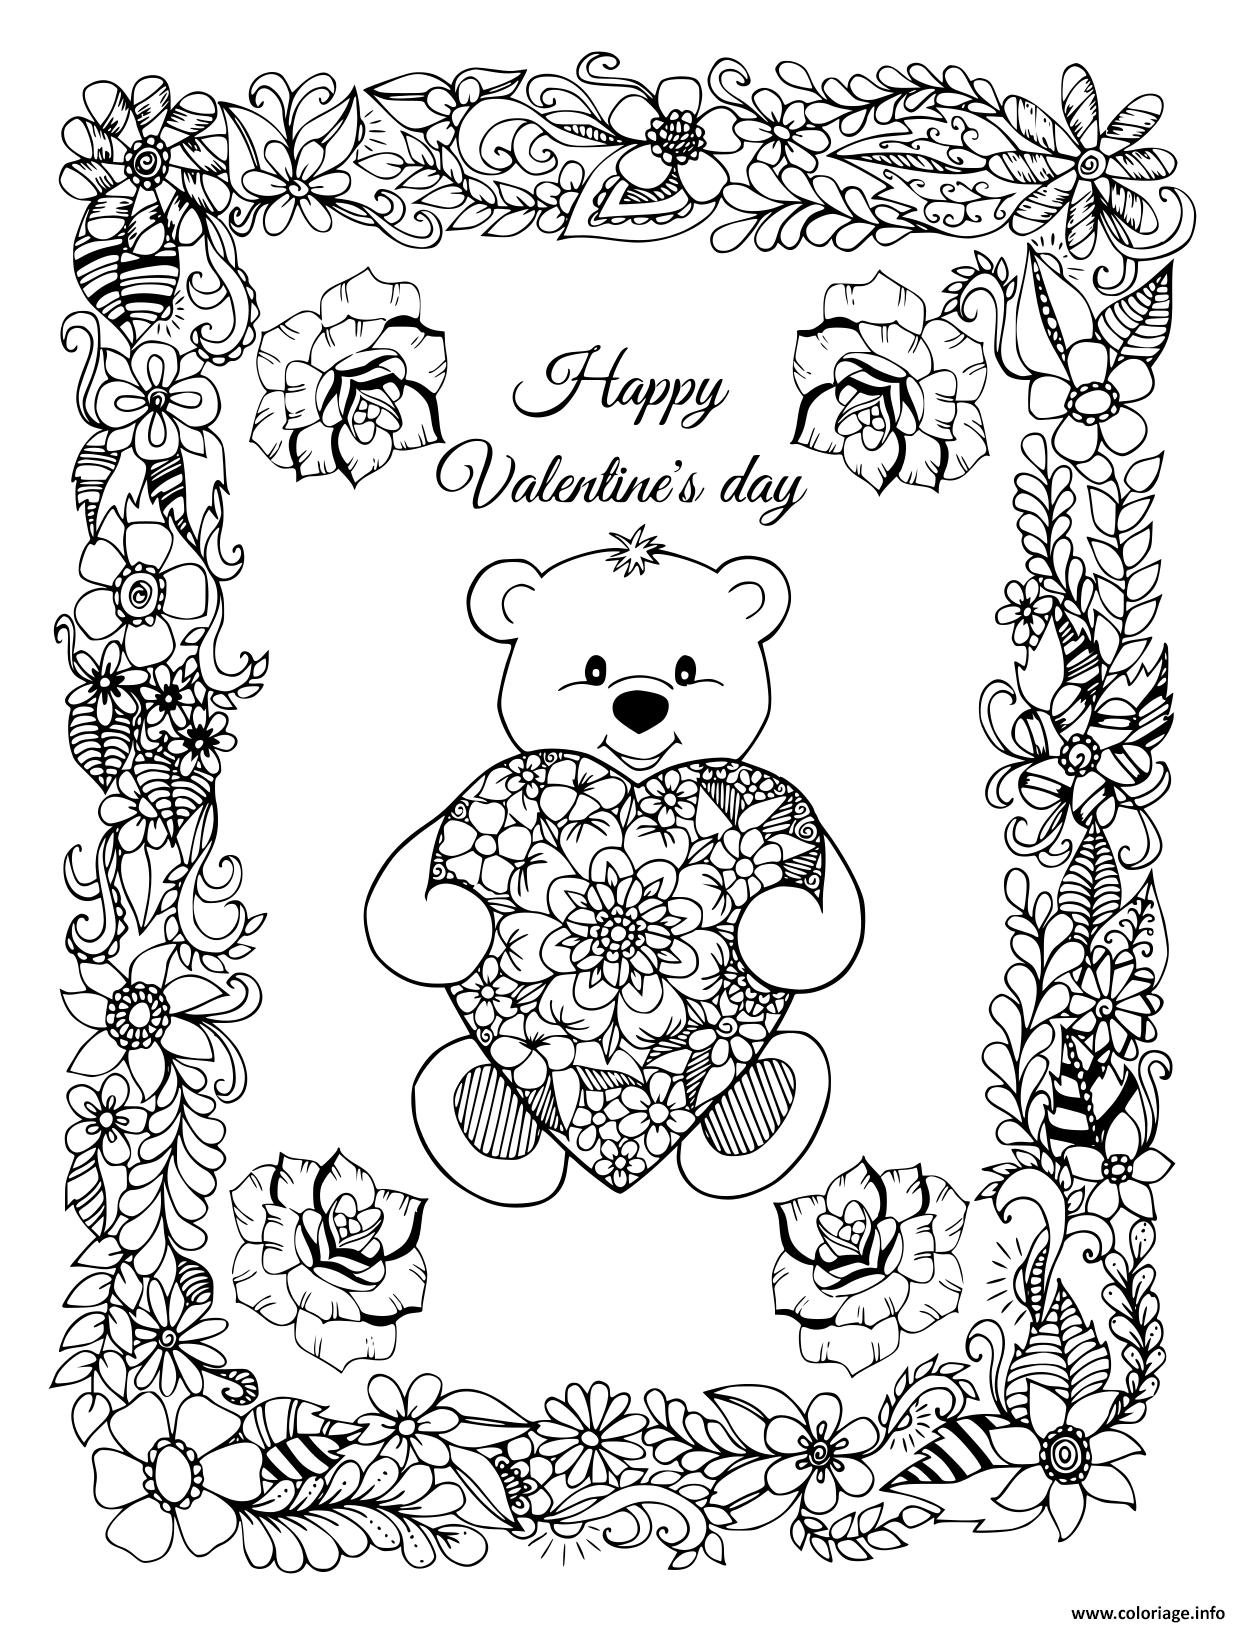 Dessin cadre de fleurs avec un ourson et coeur st valentin Coloriage Gratuit à Imprimer